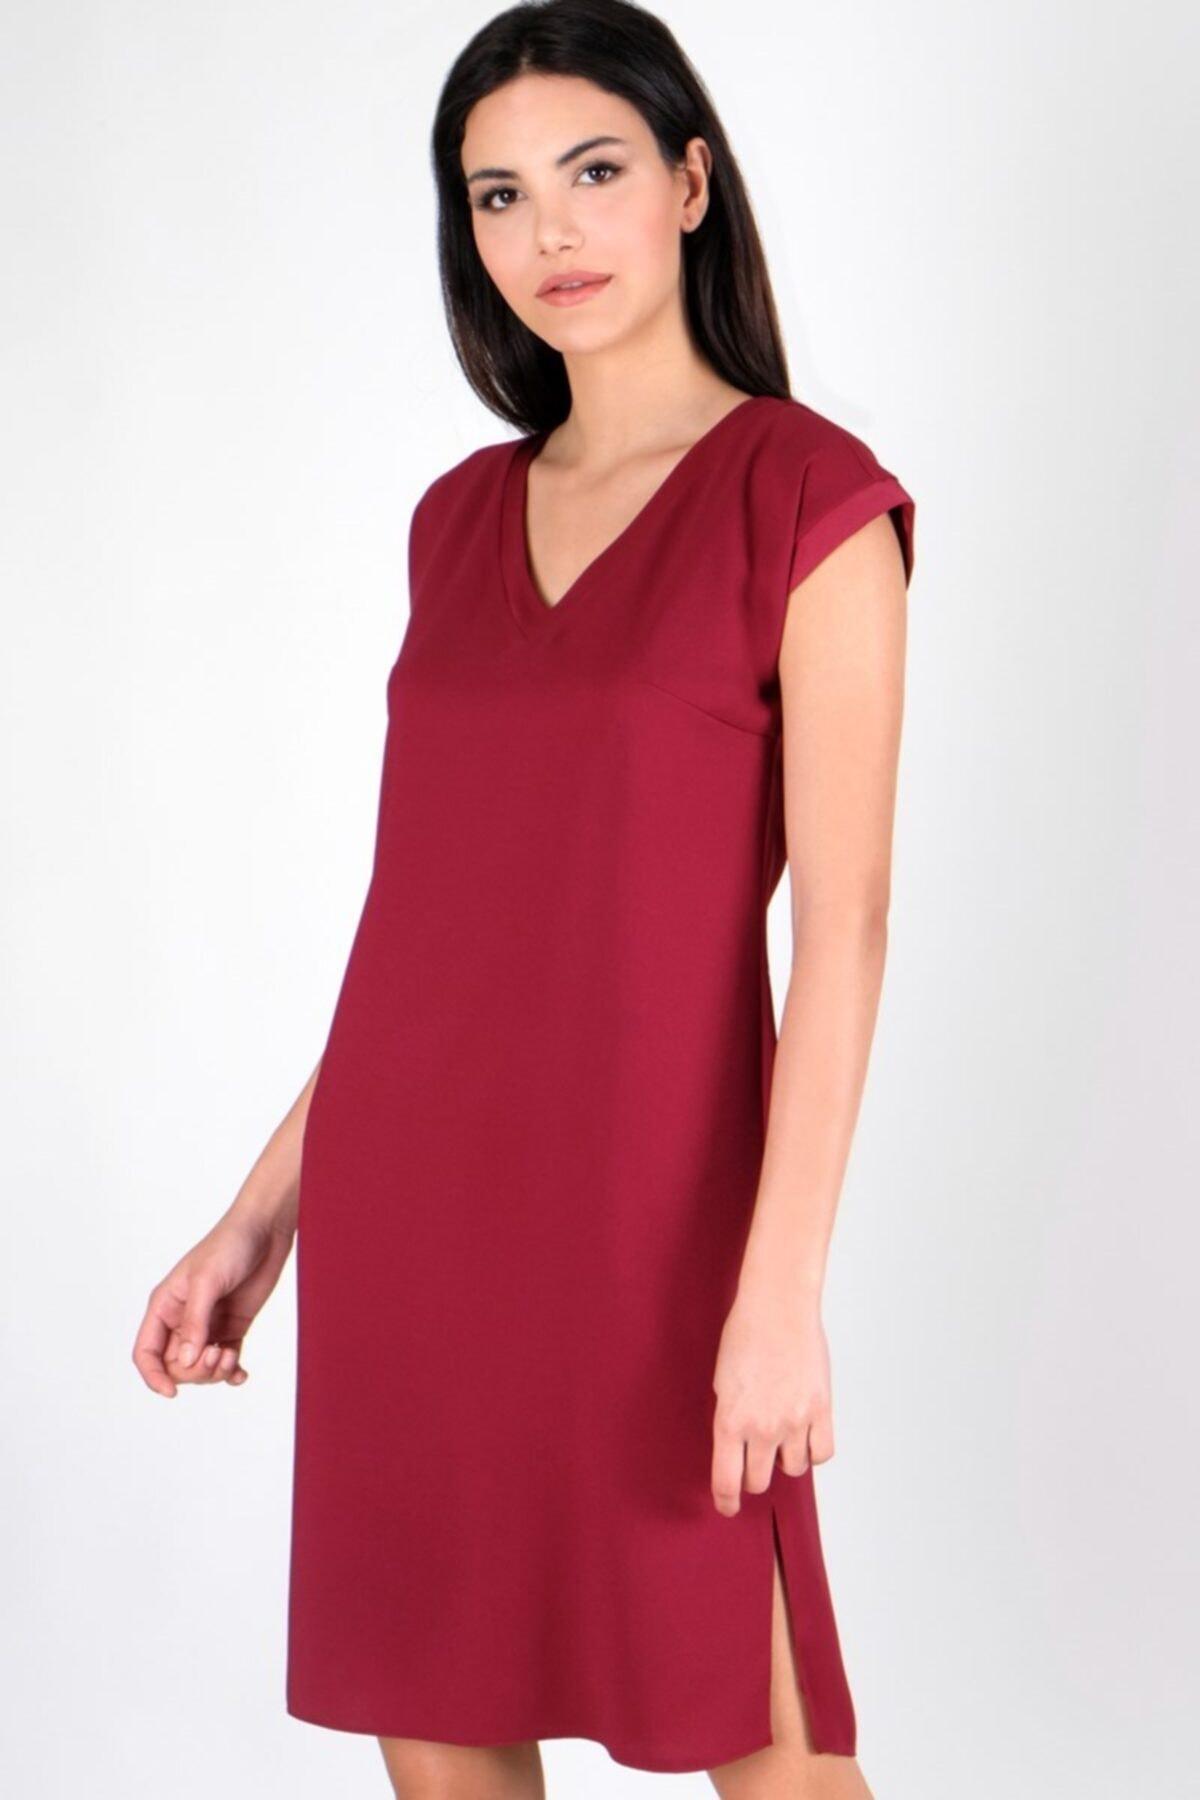 Spazio Kadın Bordo Manuelo V Yaka Sırtı Düğmeli Bantlı Elbise 50095795 2